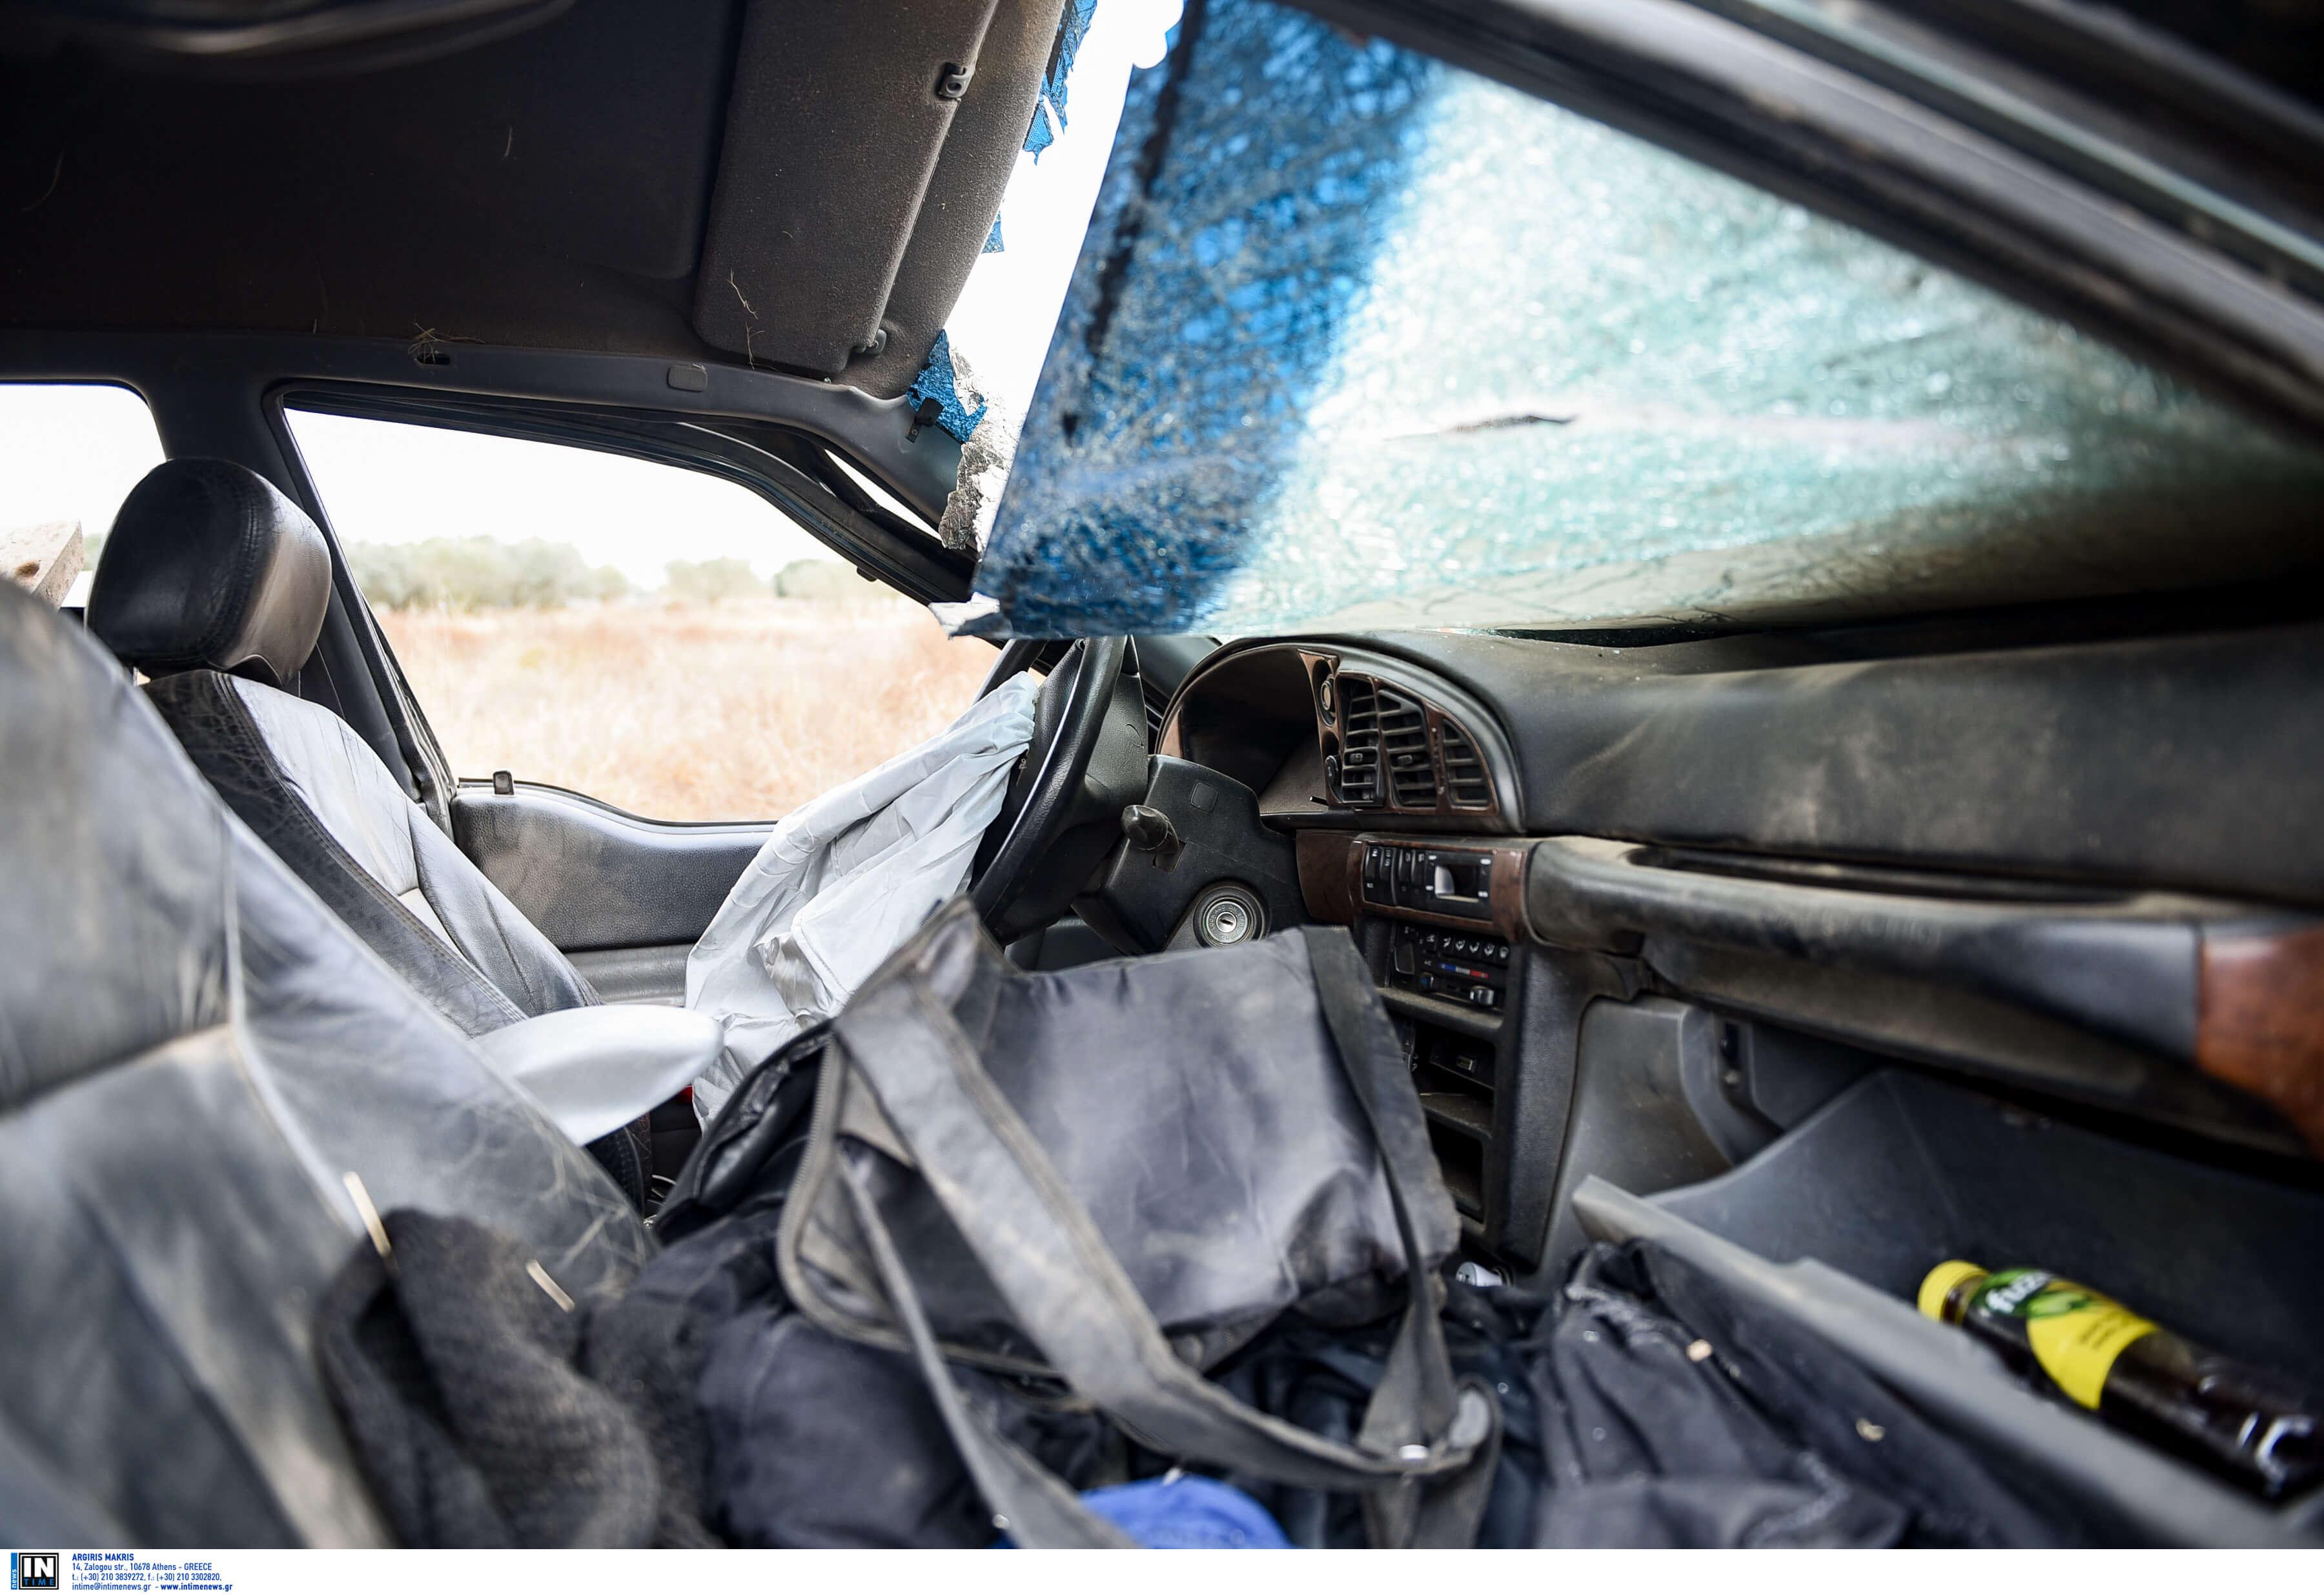 Έπεσαν με το αυτοκίνητο σε βράχια – Τροχαίο με διπλό εγκλωβισμό στο Ηράκλειο